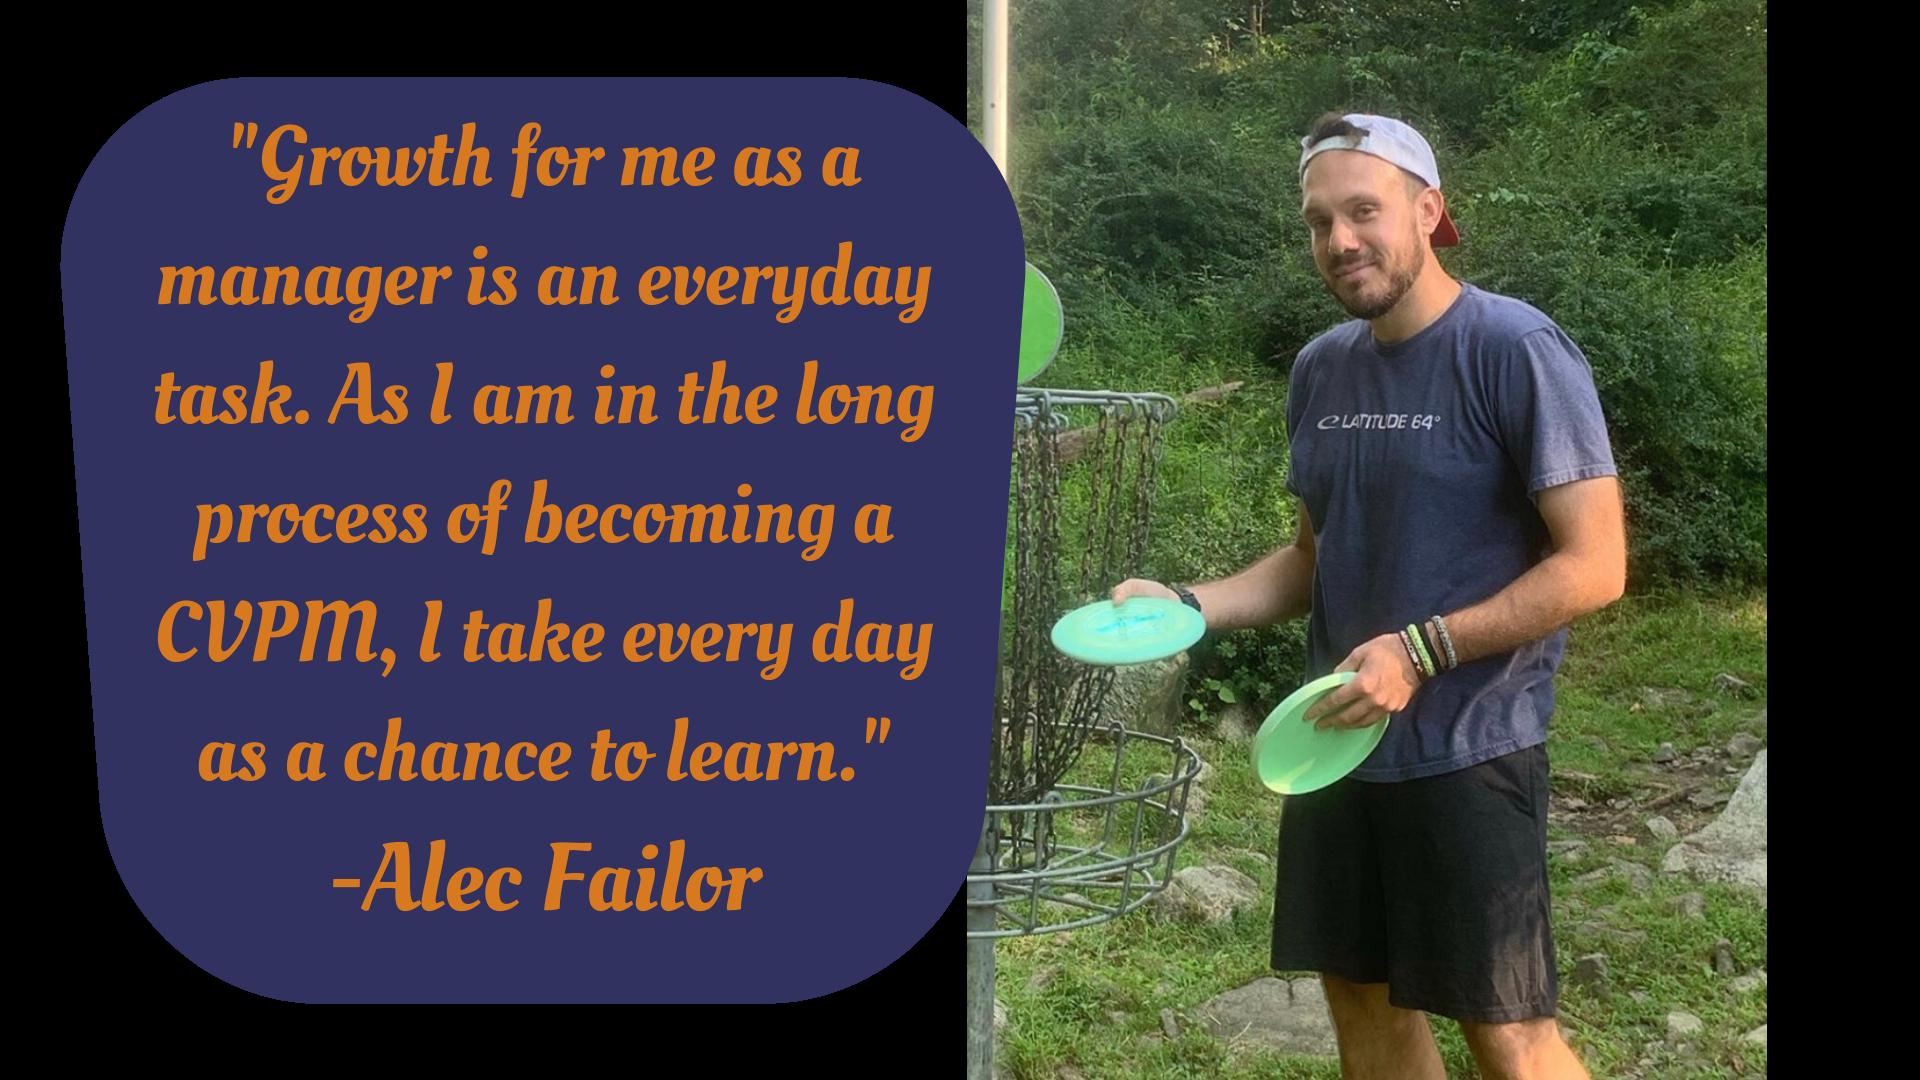 Alec Failor